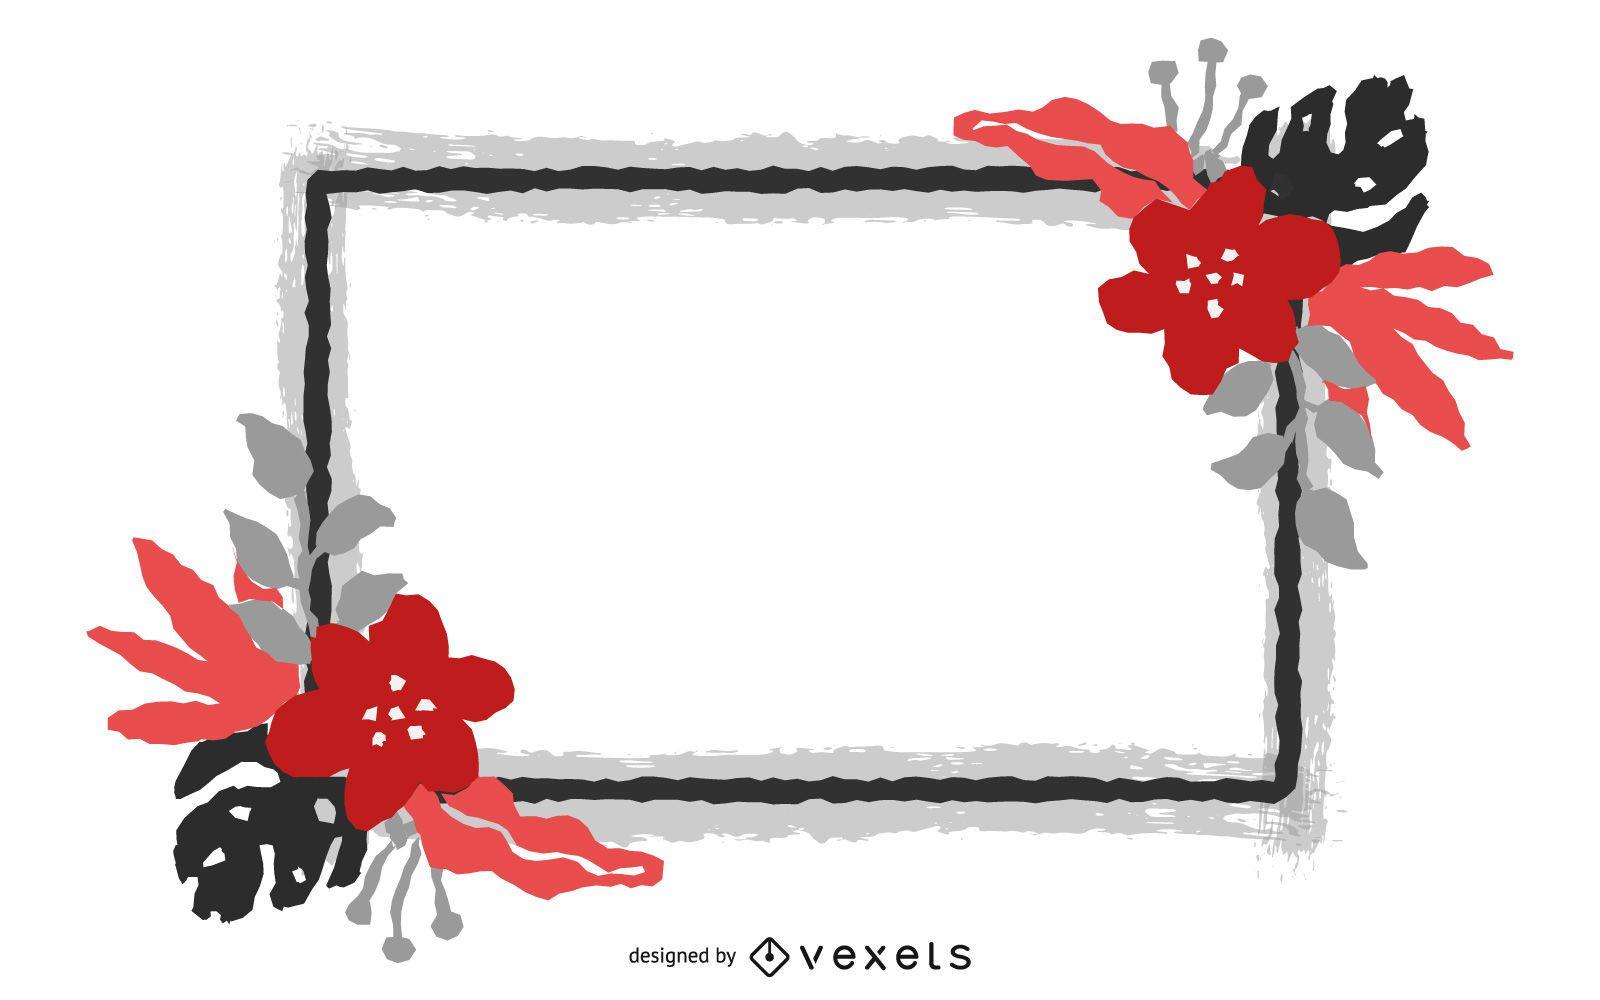 Bandeira de flor quadrada vermelha suja